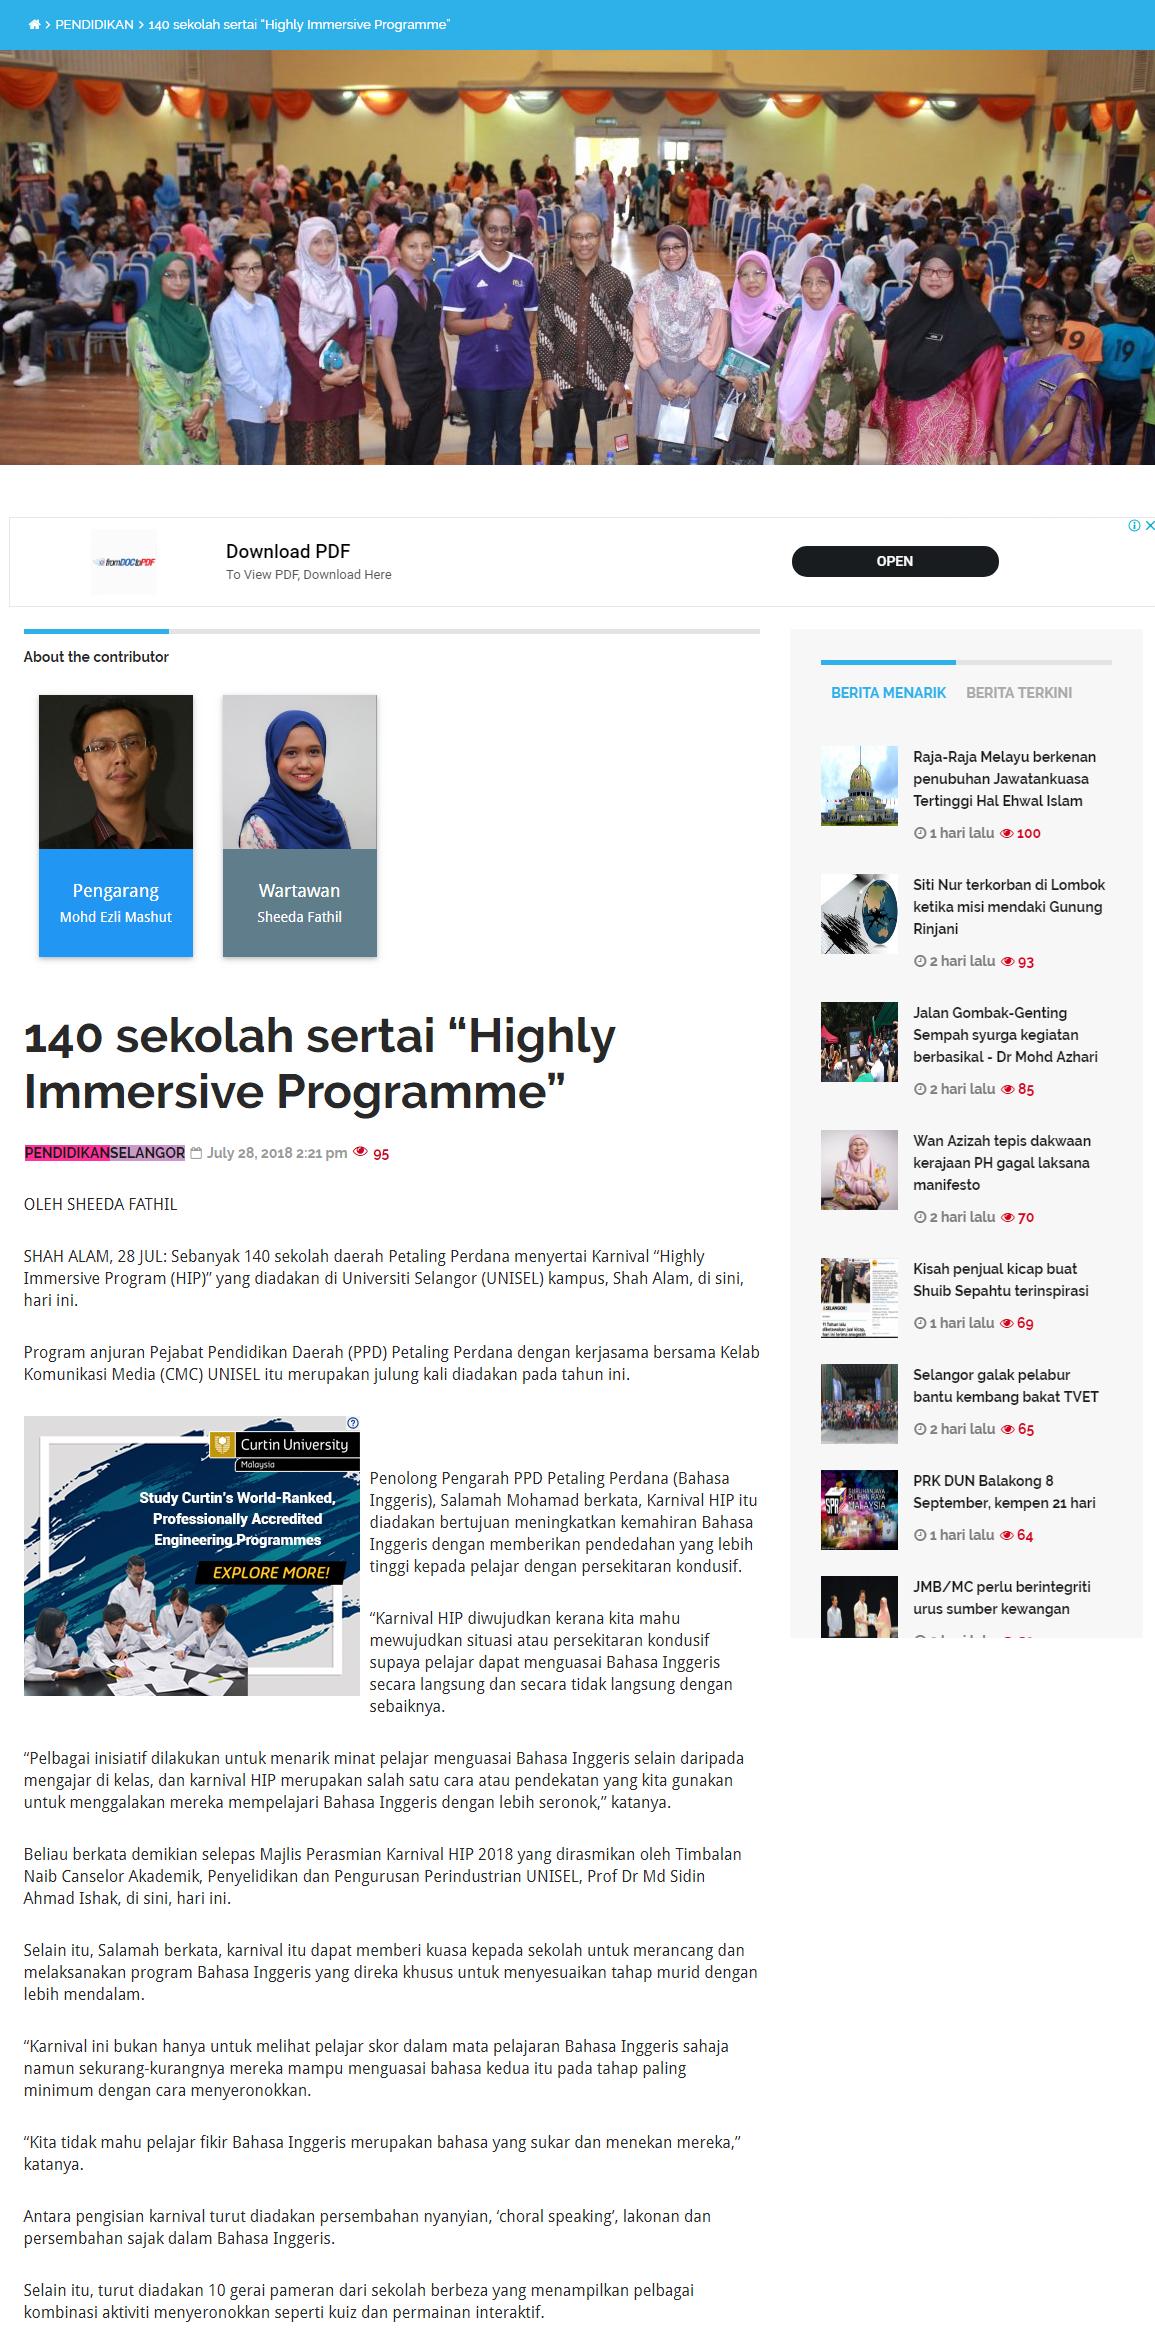 Selangorkini Online - 28 Julai 2018